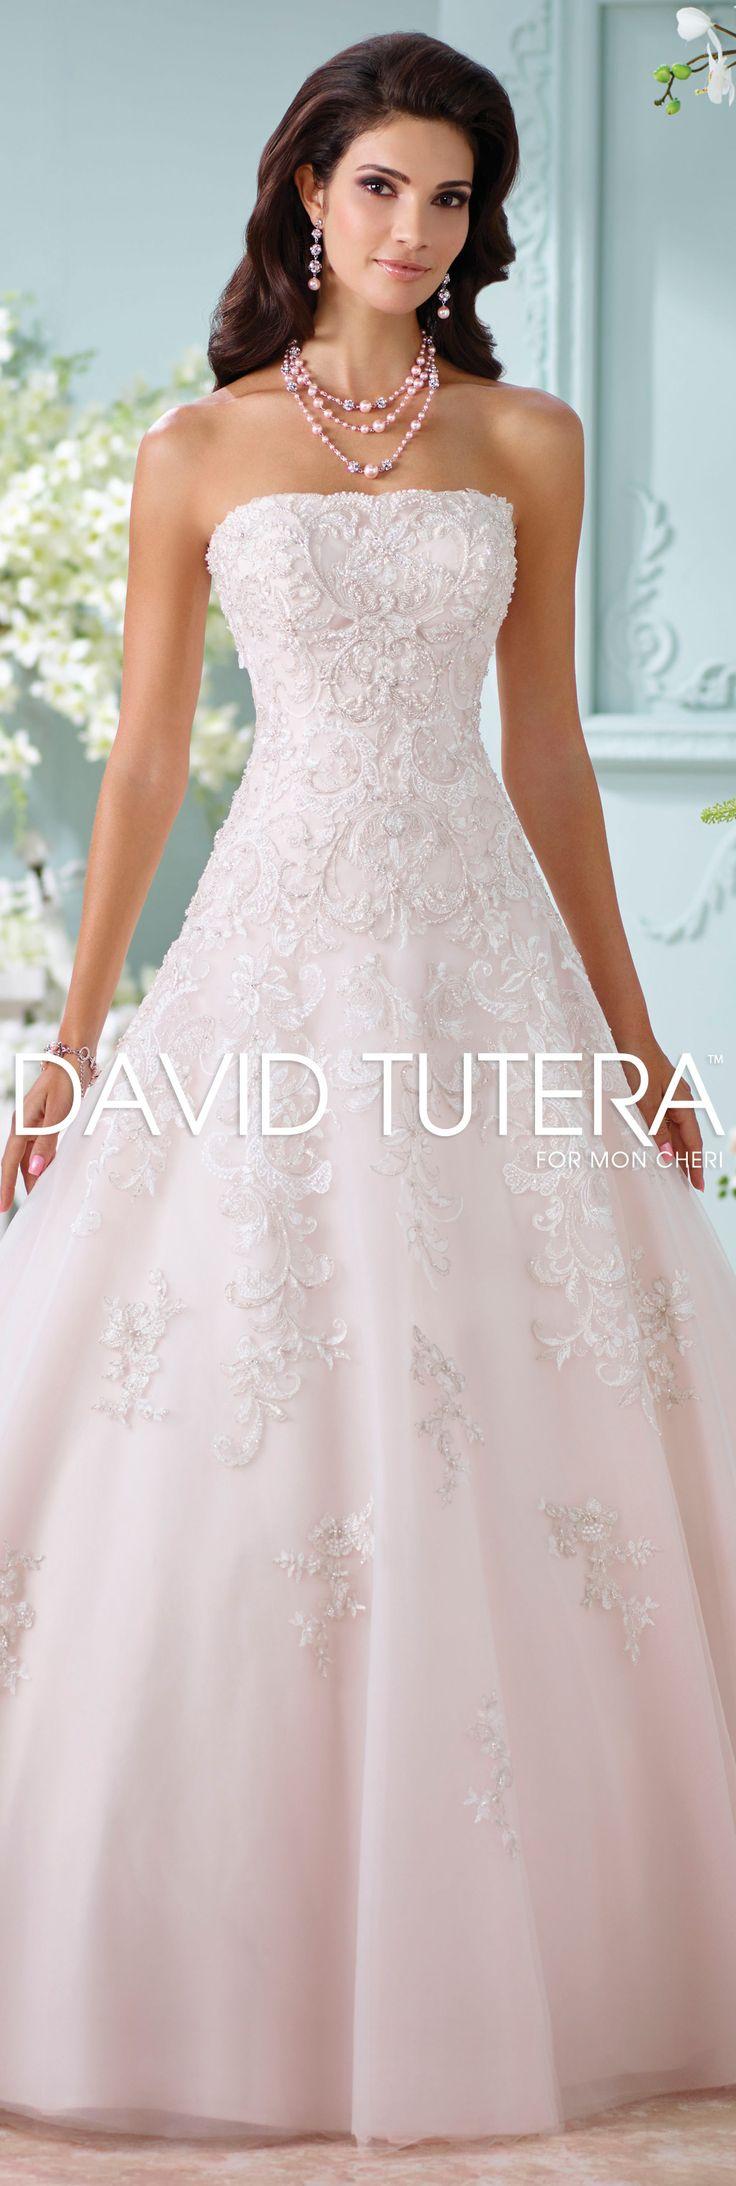 780 best Hochzeit images on Pinterest | Hochzeitskleider, Kleid ...